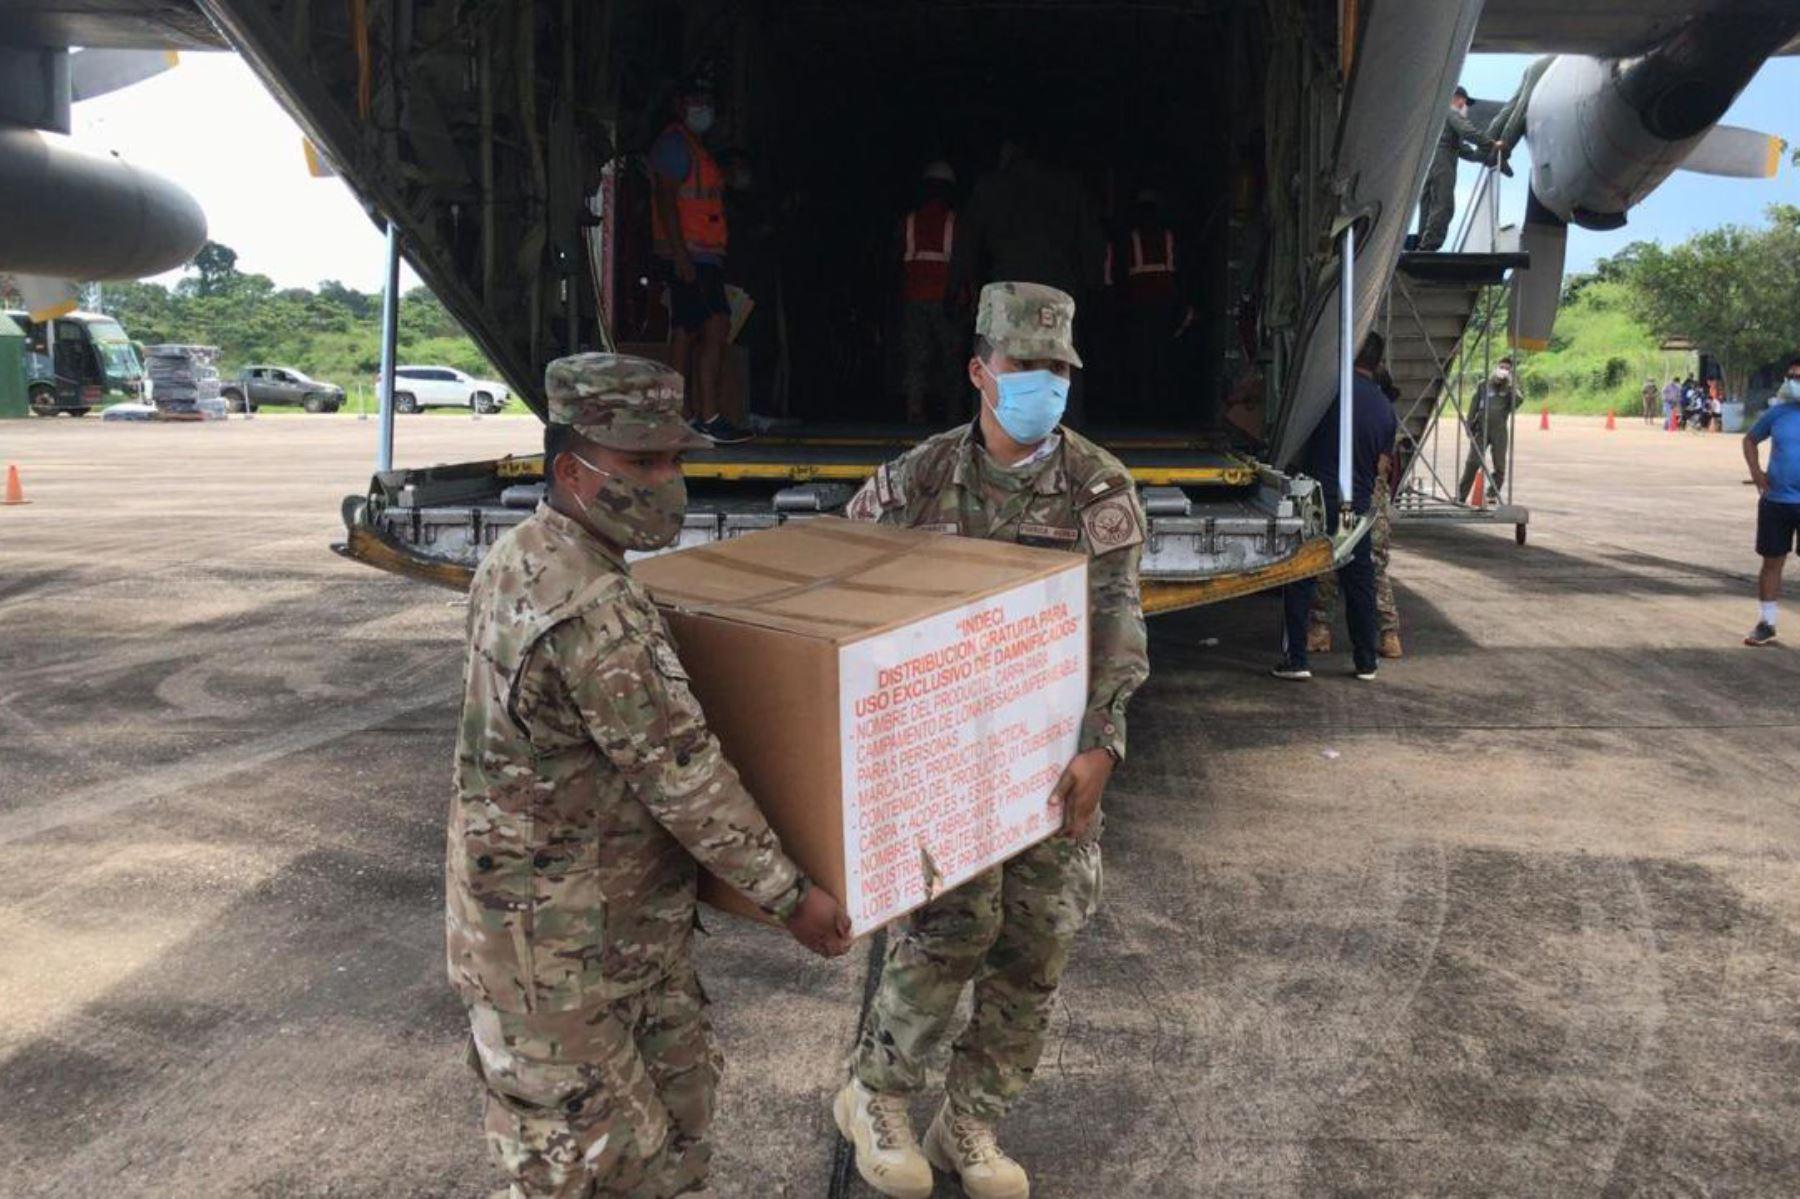 Las FF.AA y el Indeci Perú unen esfuerzos  para el traslado de 6 toneladas de ayuda humanitaria, pruebas covid-19 y apoyo asistencial a la población de Madre de Dios, afectada por las inundaciones a causa de las fuertes lluvias que azotan esta parte del país. Foto: @CCFFAA_PERU